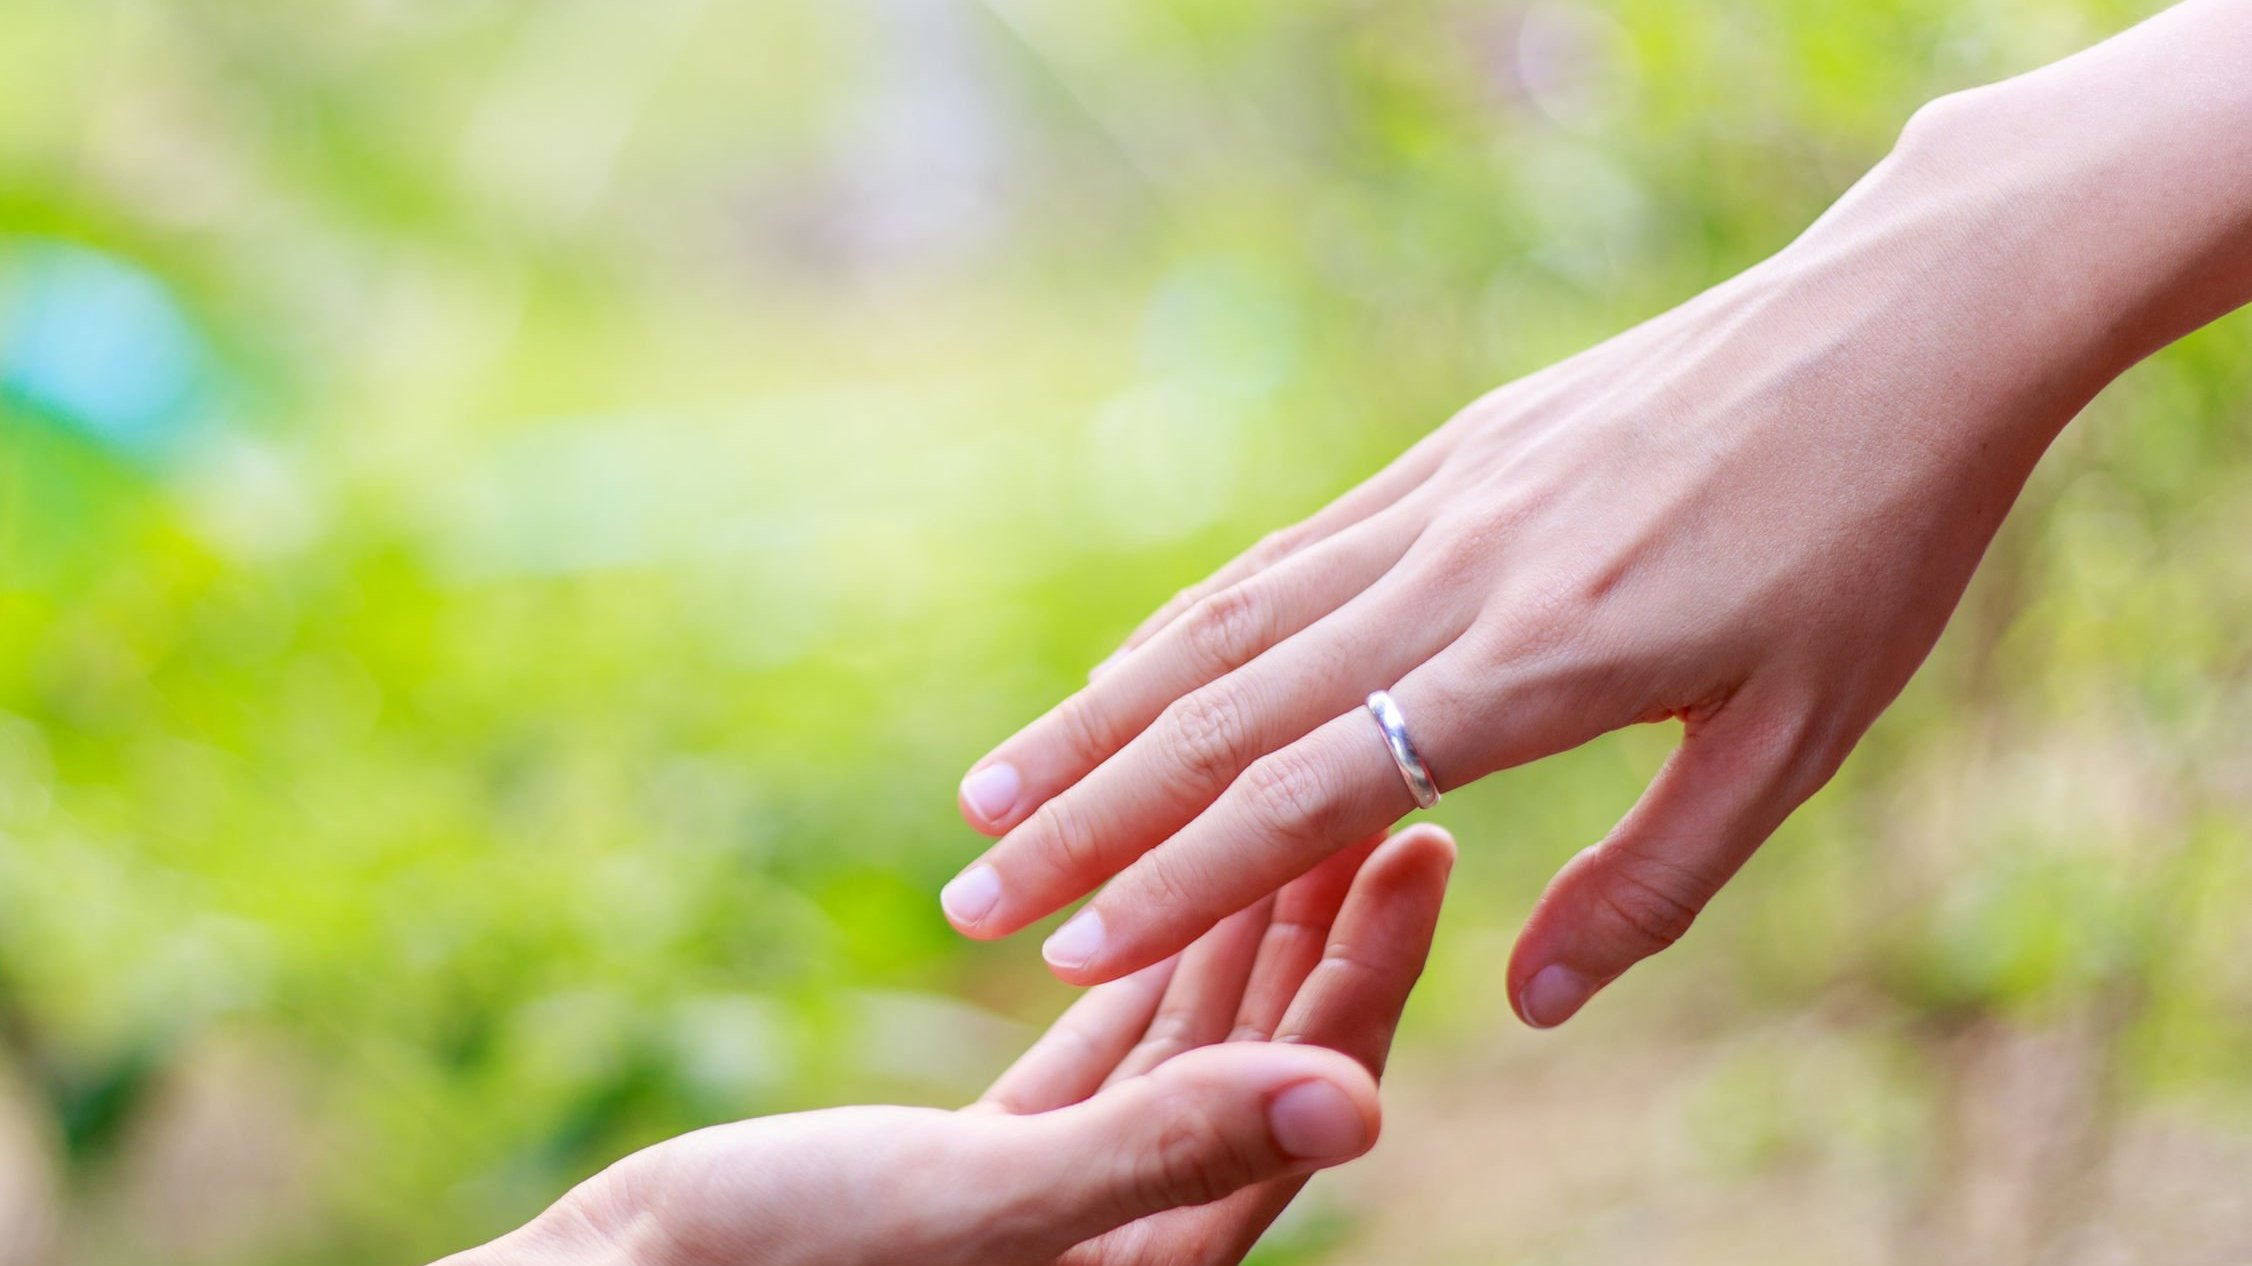 Mãos próximas uma da outra sobre cenário de folhas